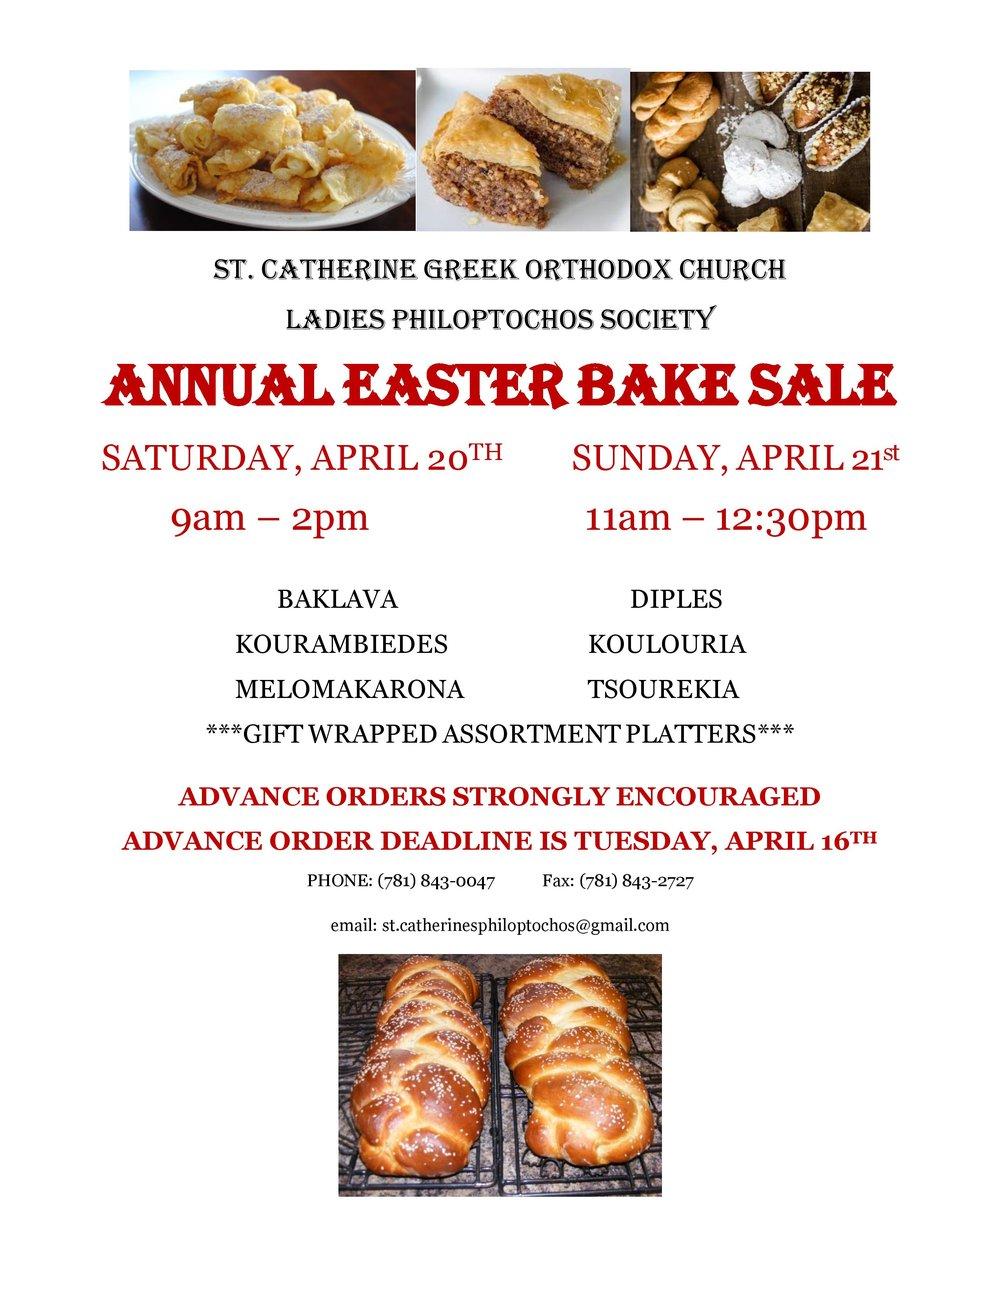 2019 Easter Bake Sale flyer-page-001.jpg